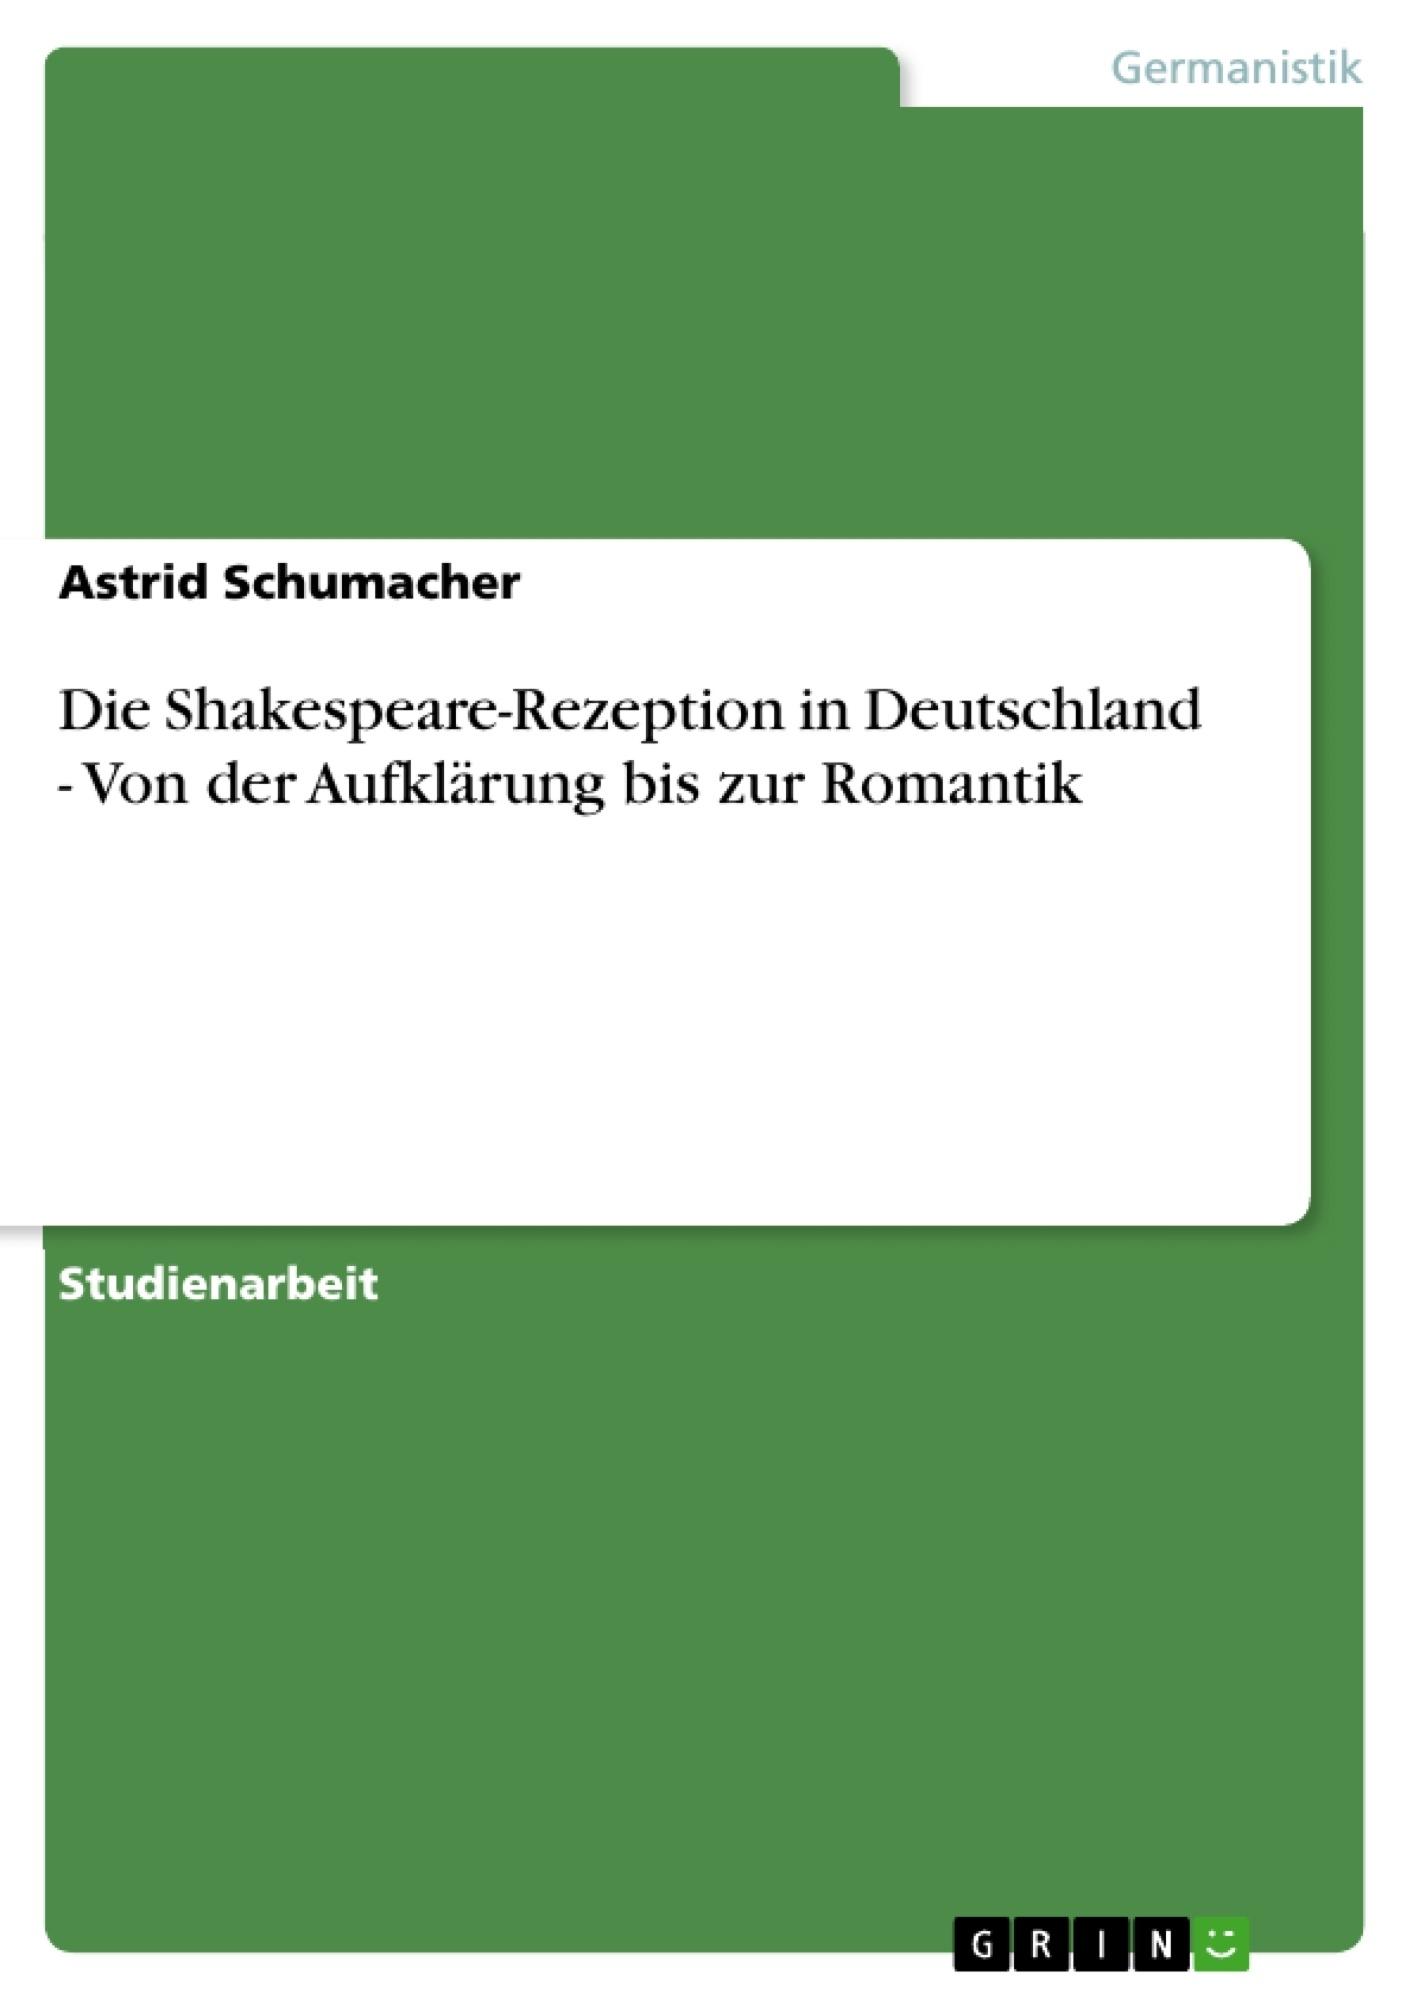 Titel: Die Shakespeare-Rezeption in Deutschland - Von der Aufklärung bis zur Romantik